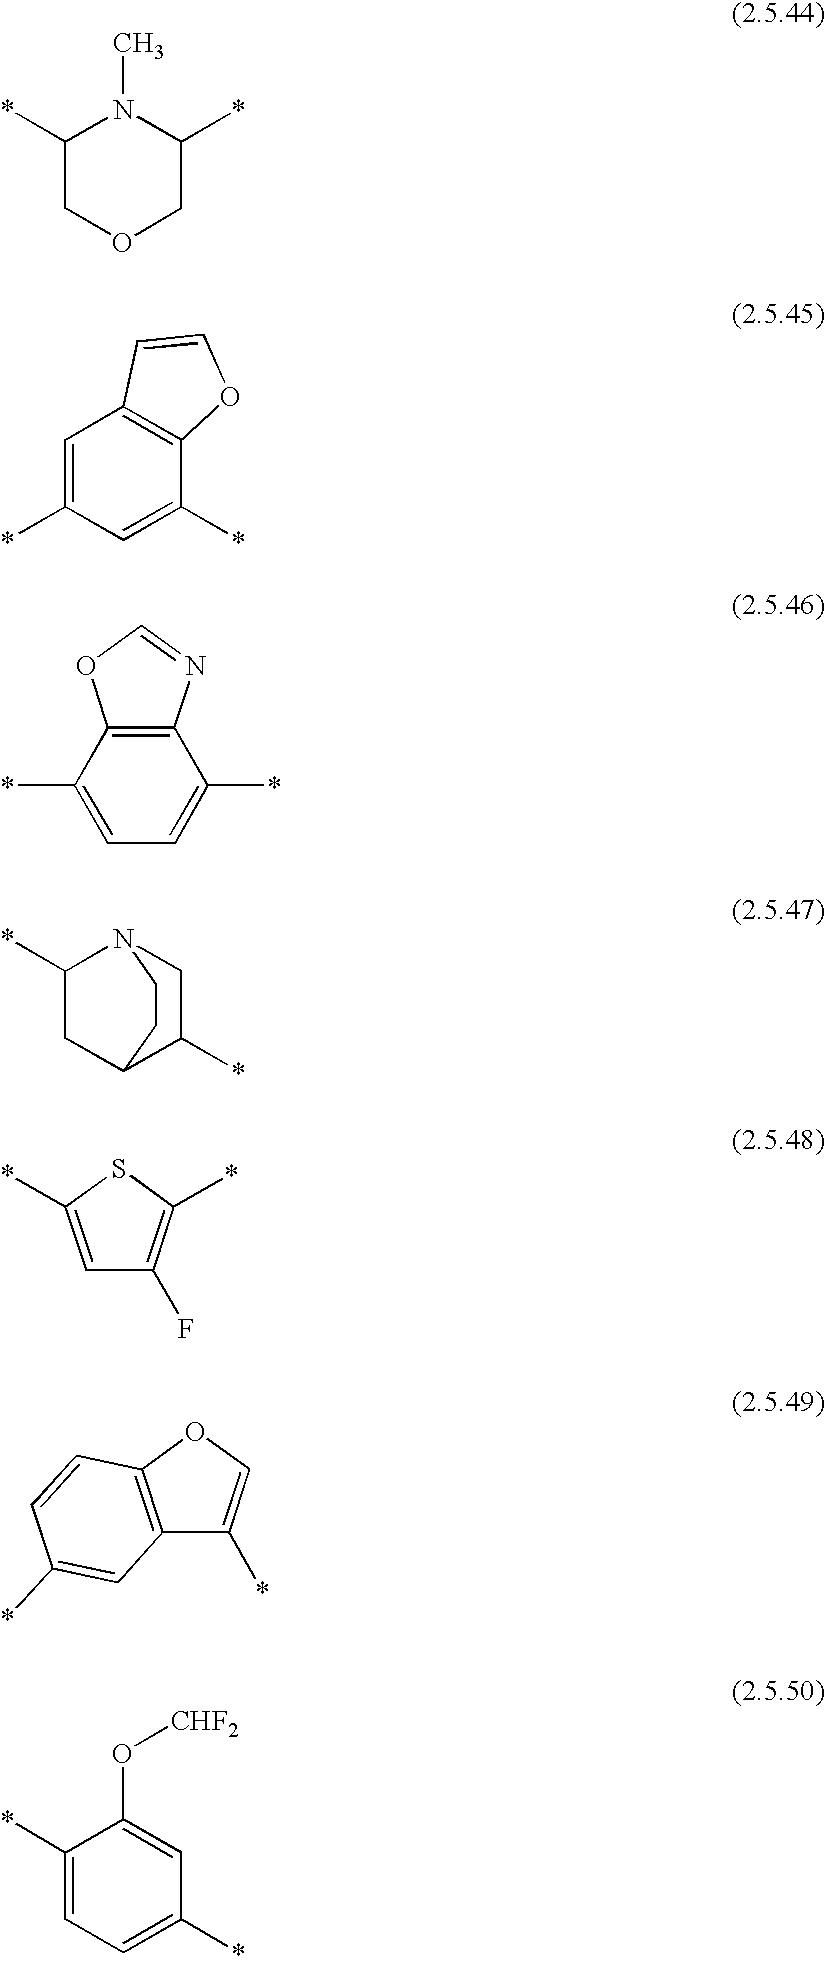 Figure US20030186974A1-20031002-C00335